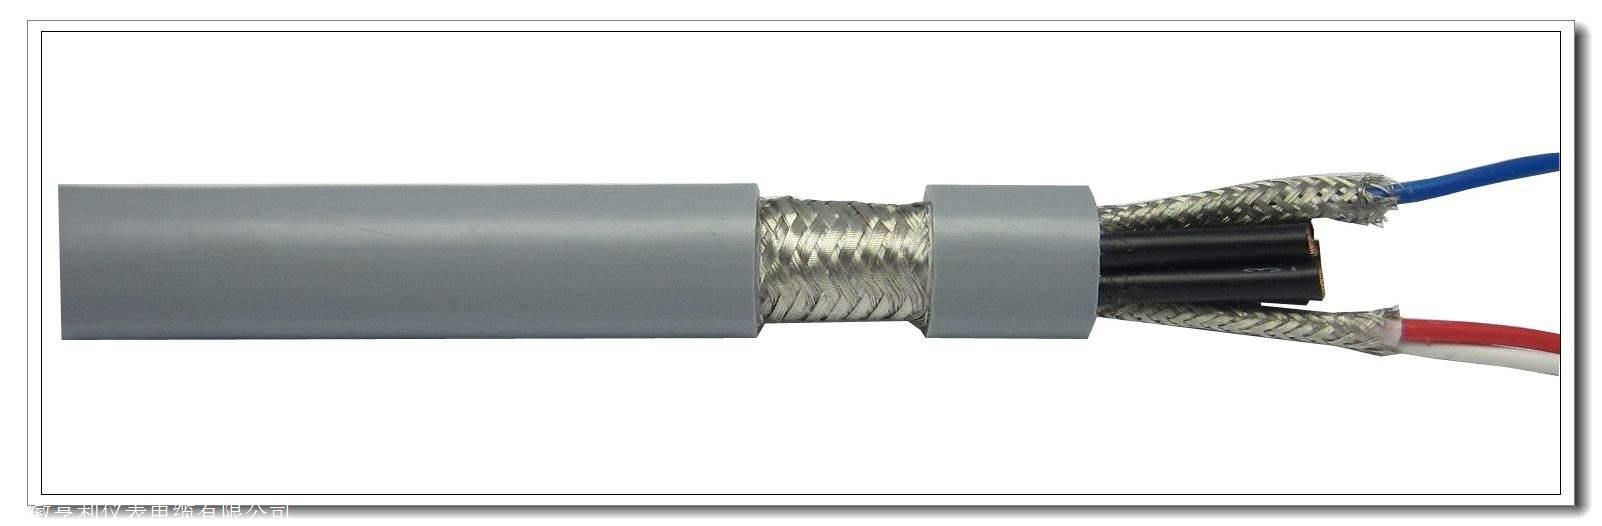 高温变频电缆BPYJVP采用编制屏蔽结构